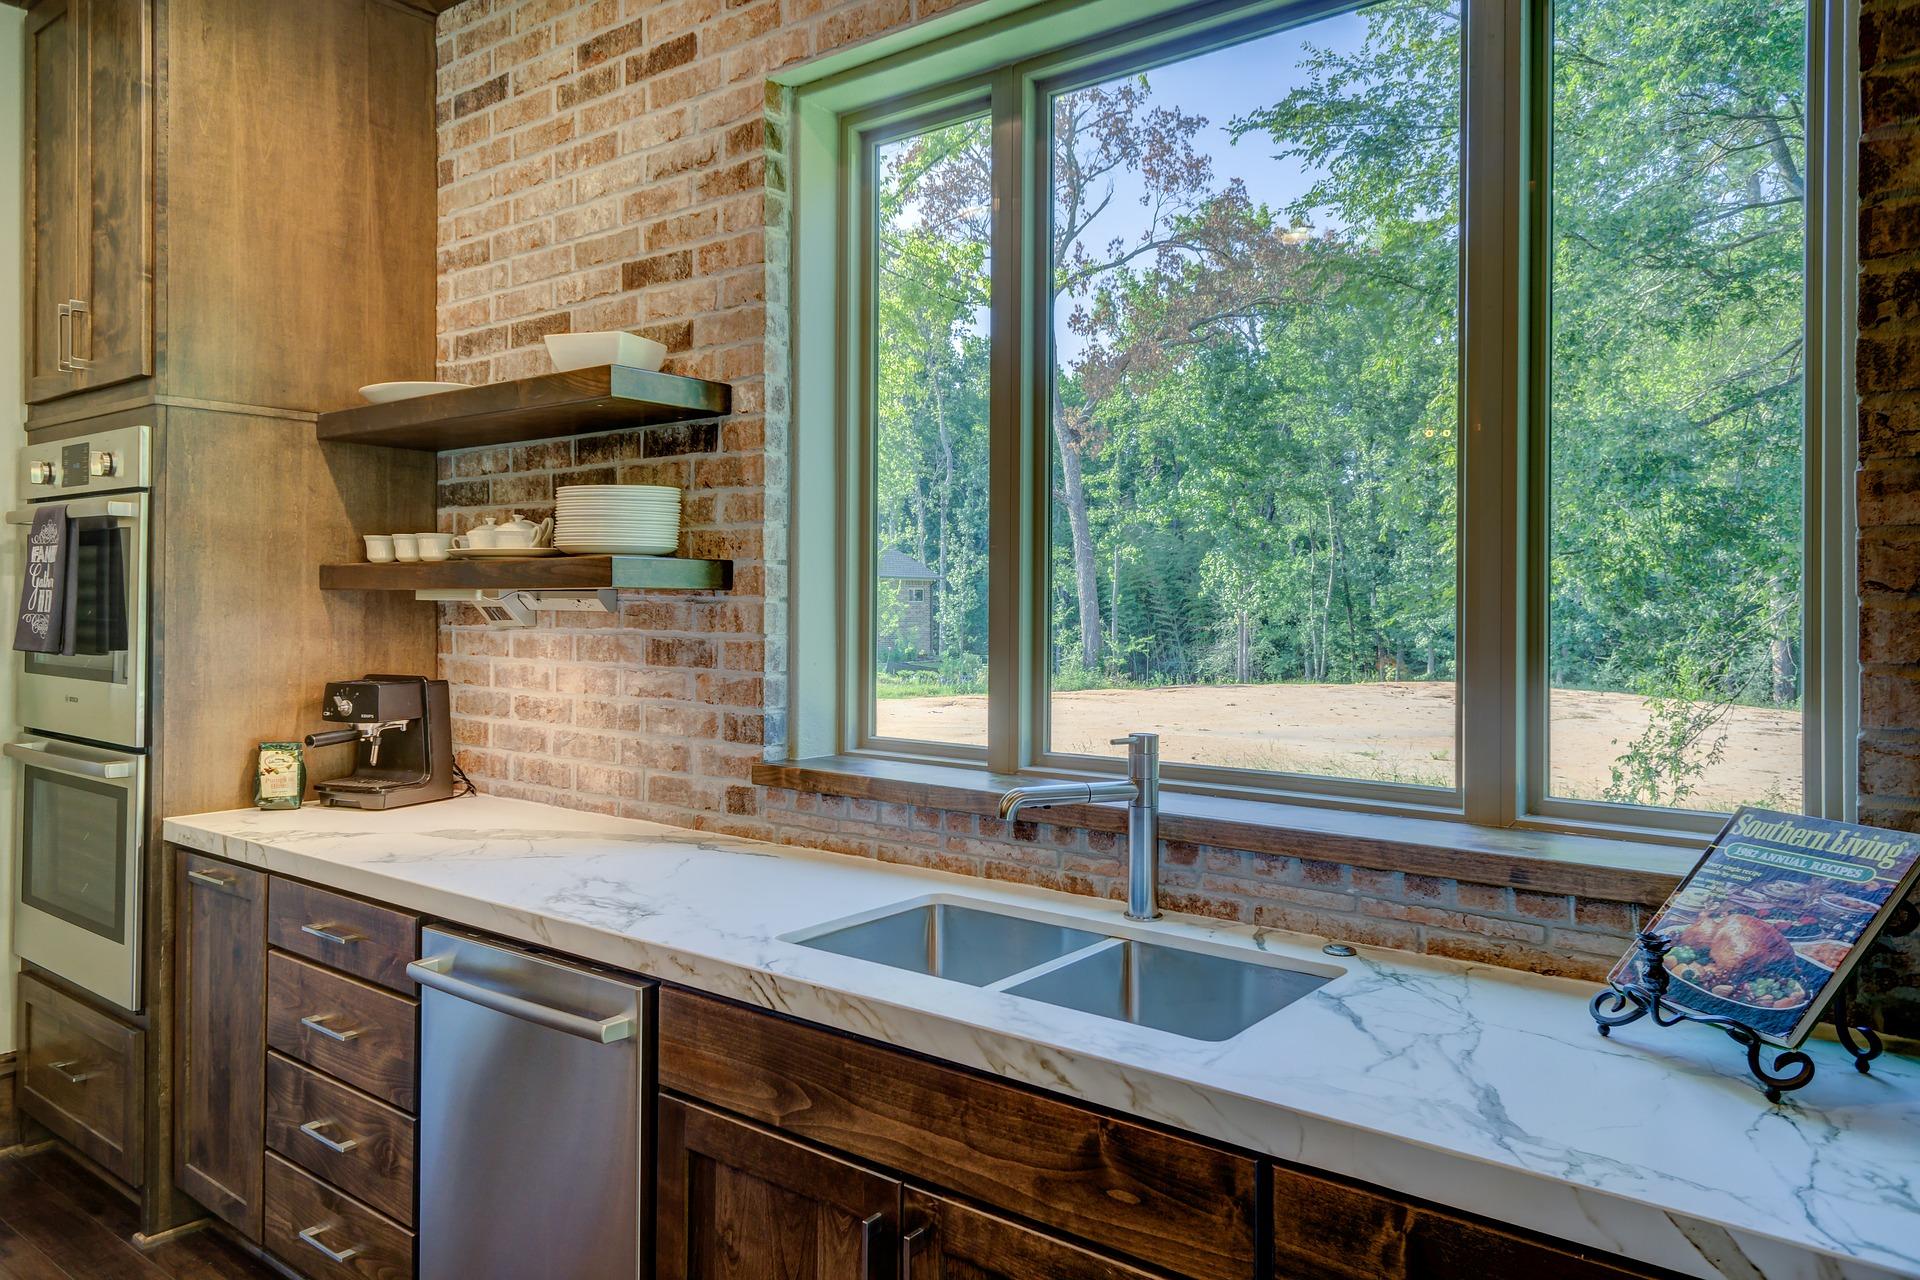 kitchen-1597018_1920.jpg